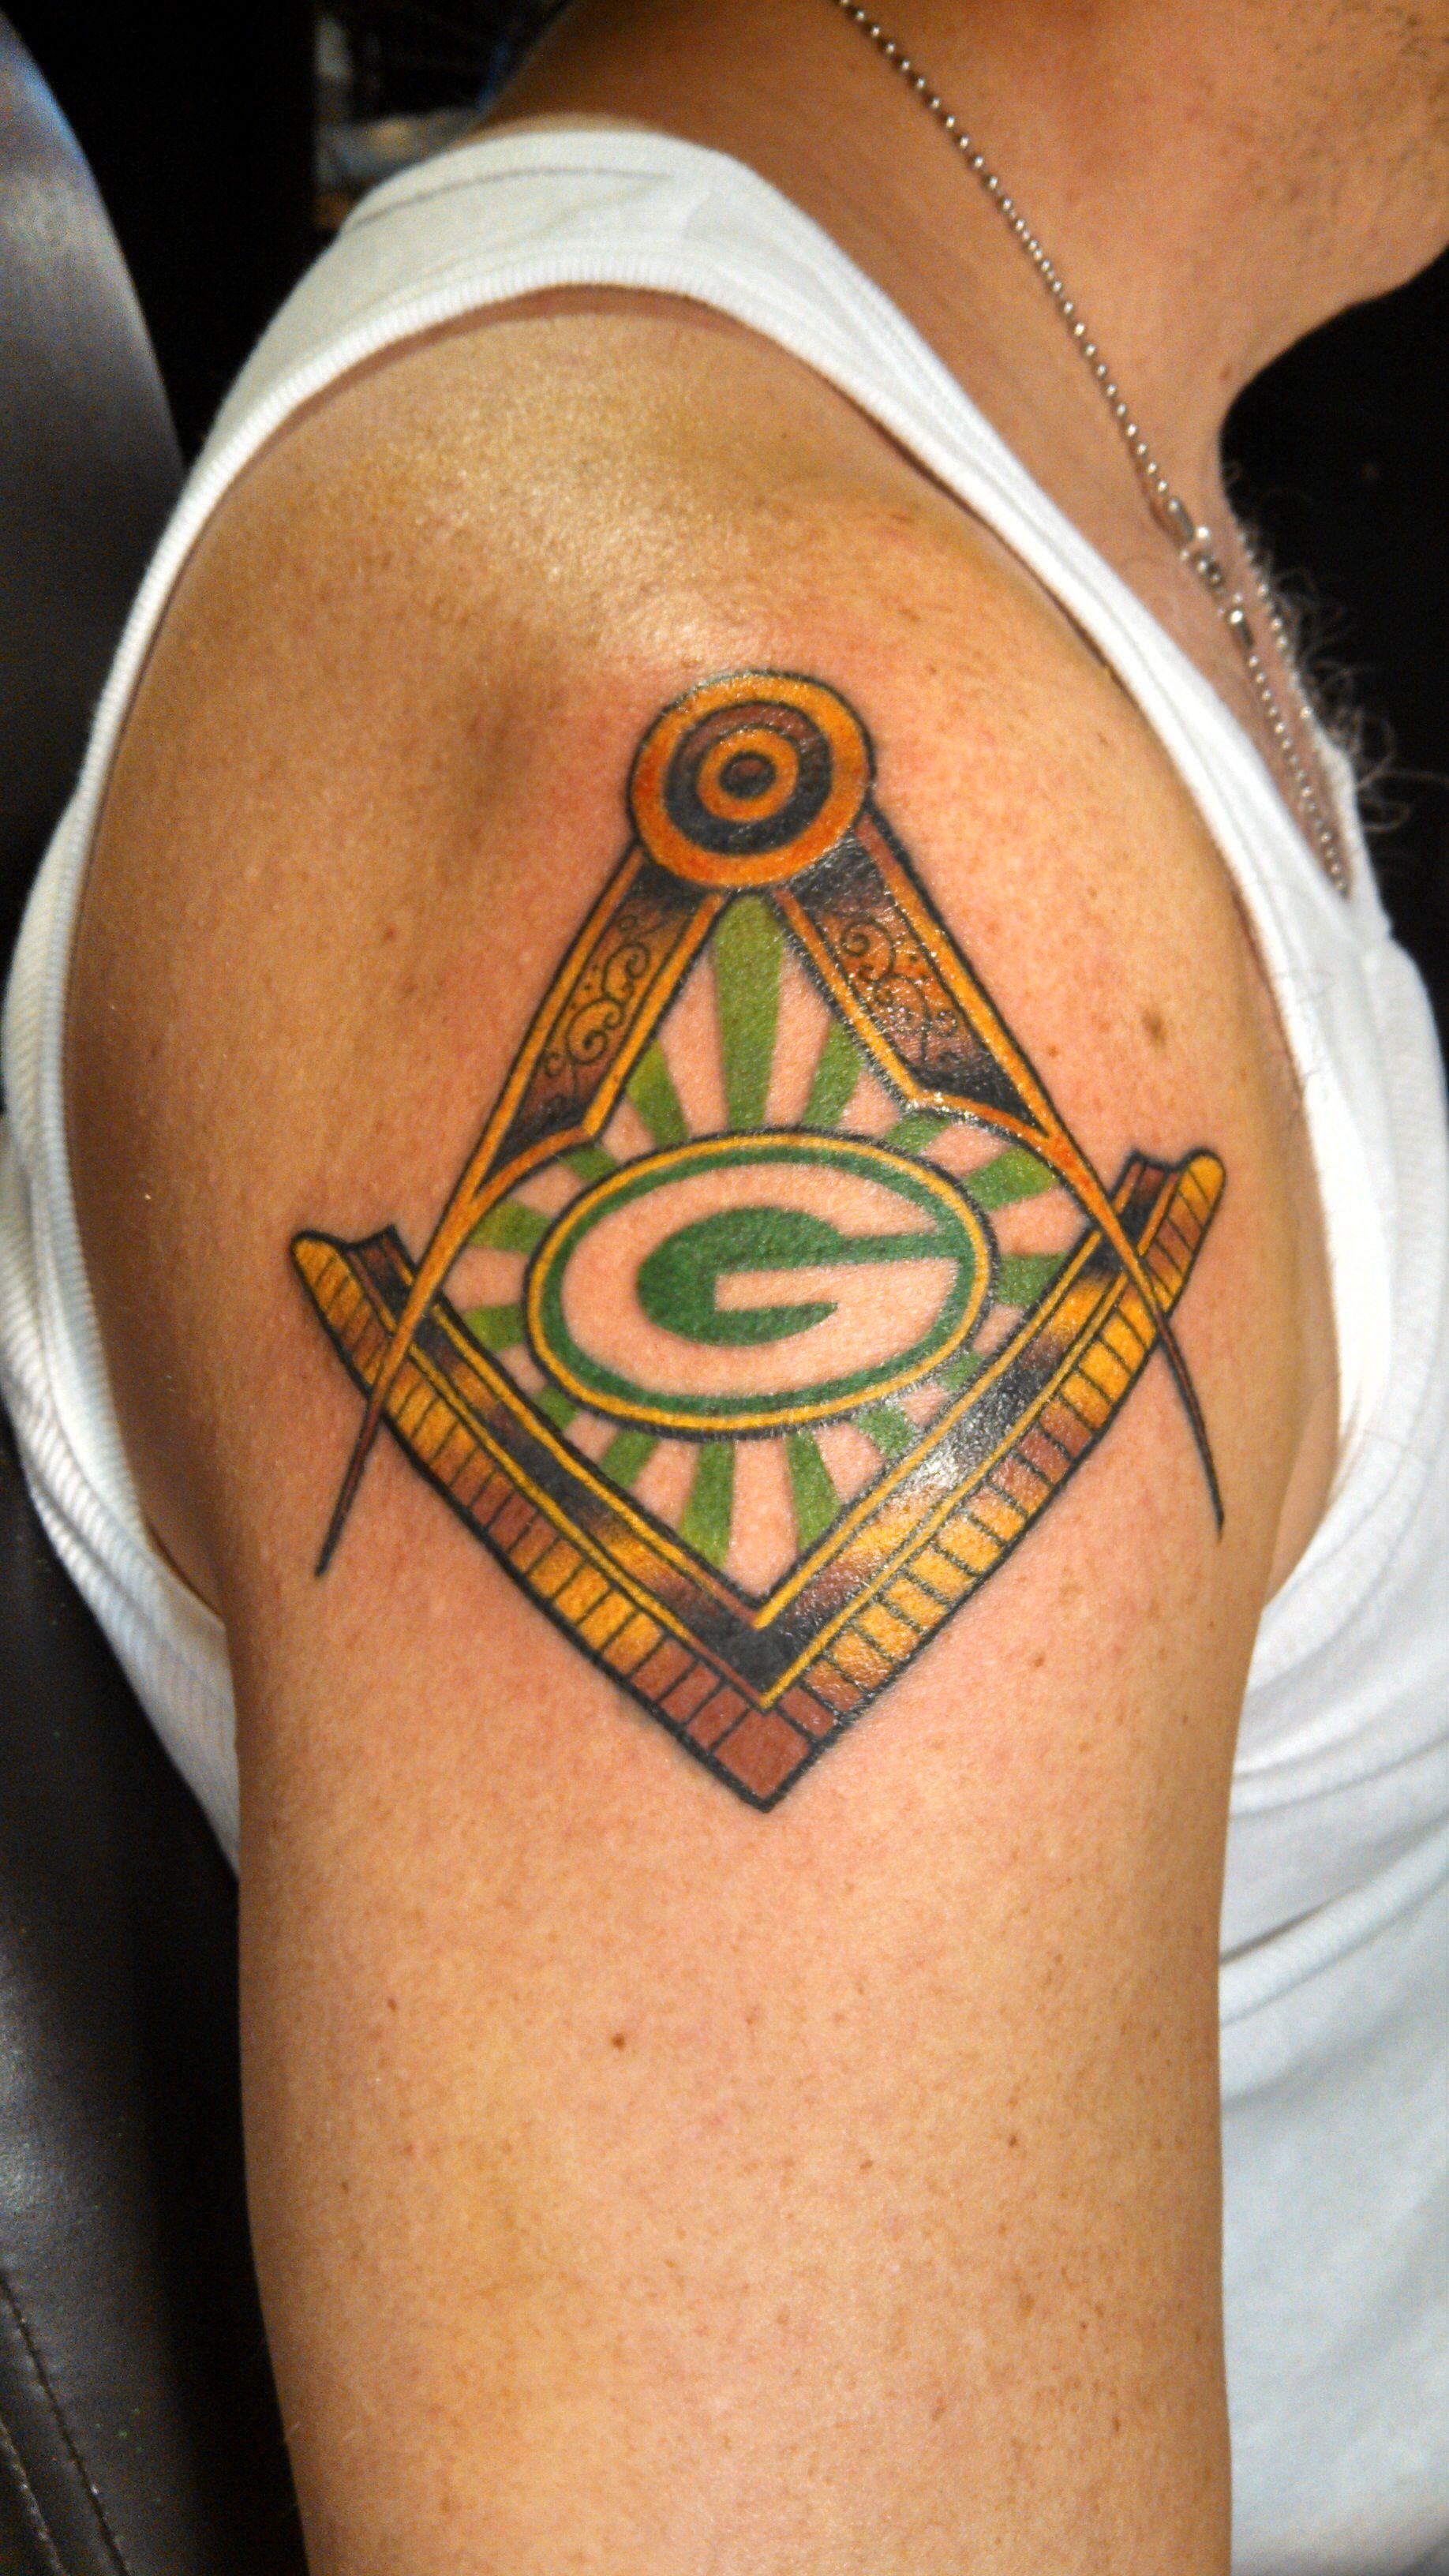 Packer And Masonic Tattoo Tattoos Masonic Tattoos Tribal Tattoos